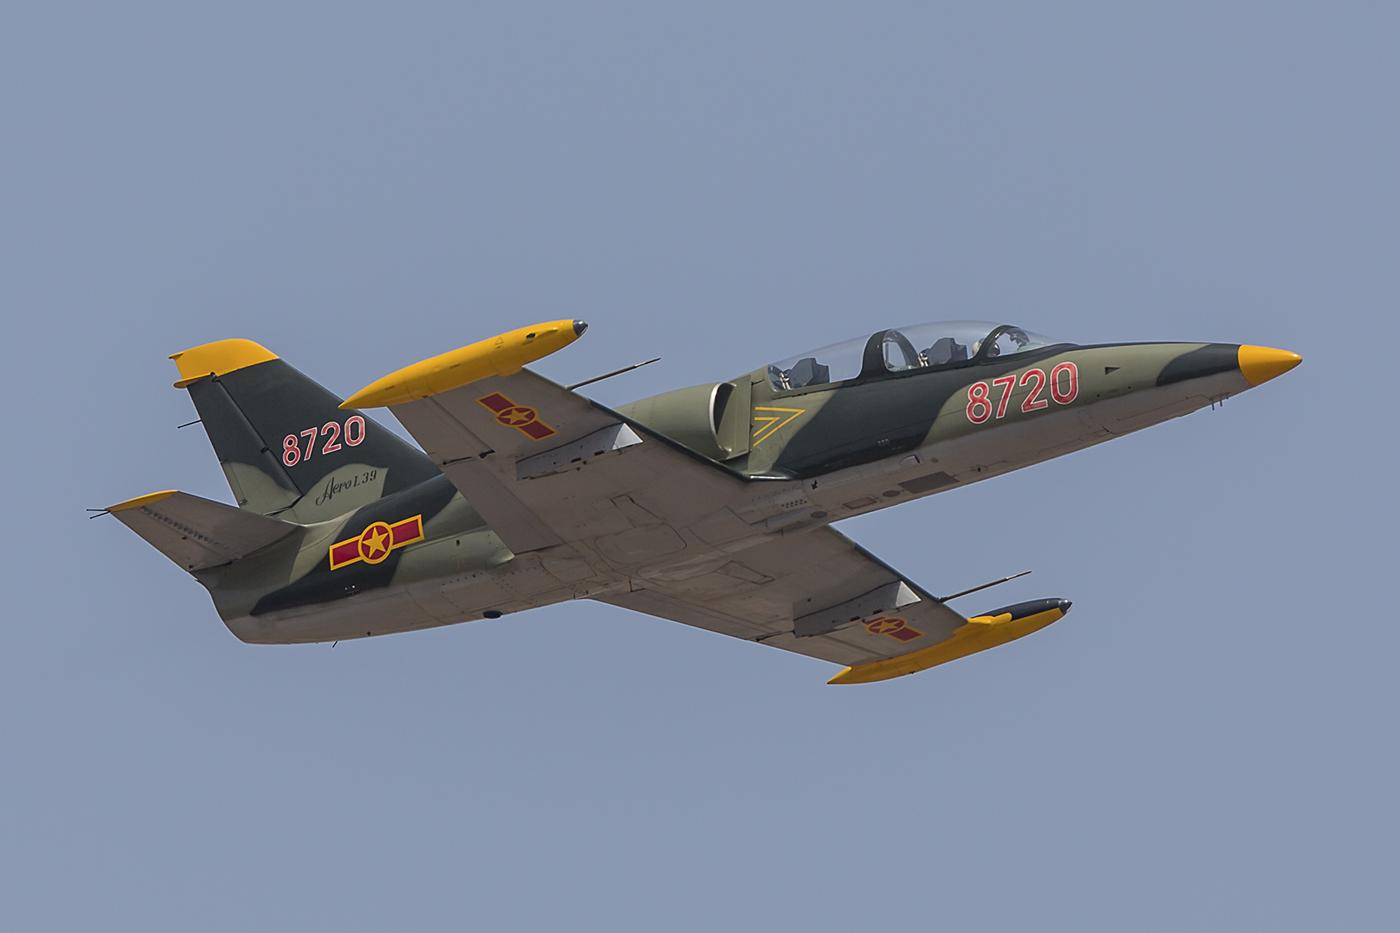 Da die L-39 nicht über ein besonders starkes Triebwerk verfügt, steigt sie nicht steil.